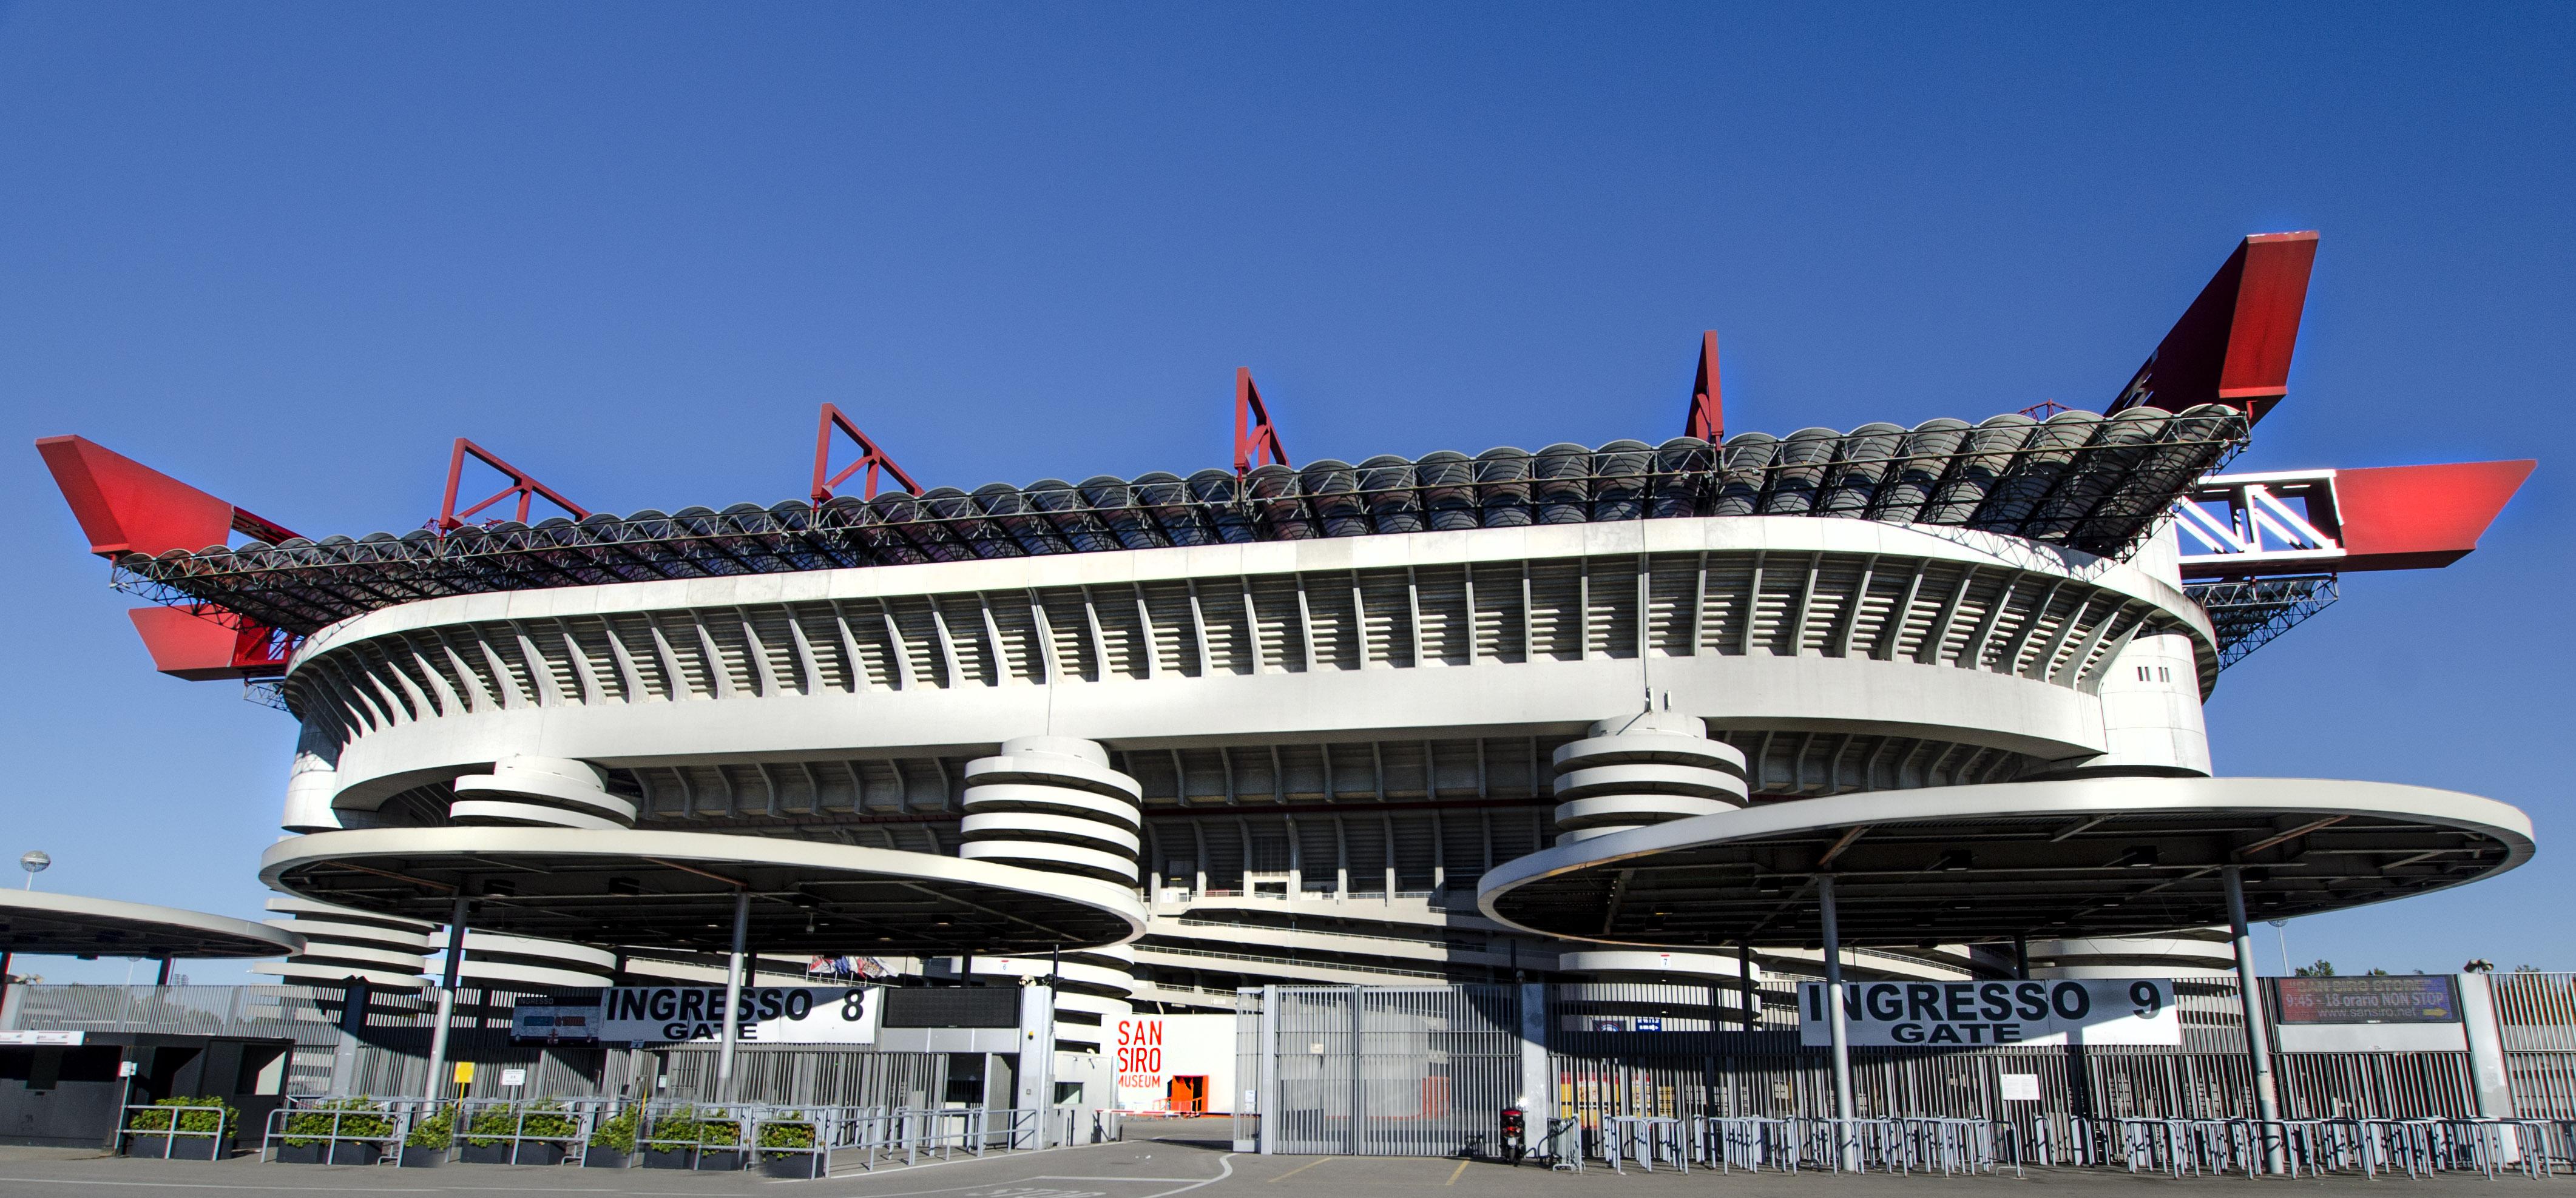 'Võ Đài' diễn ra trận quyết đấu giữa Real Madrid và Atlético Madrid 1